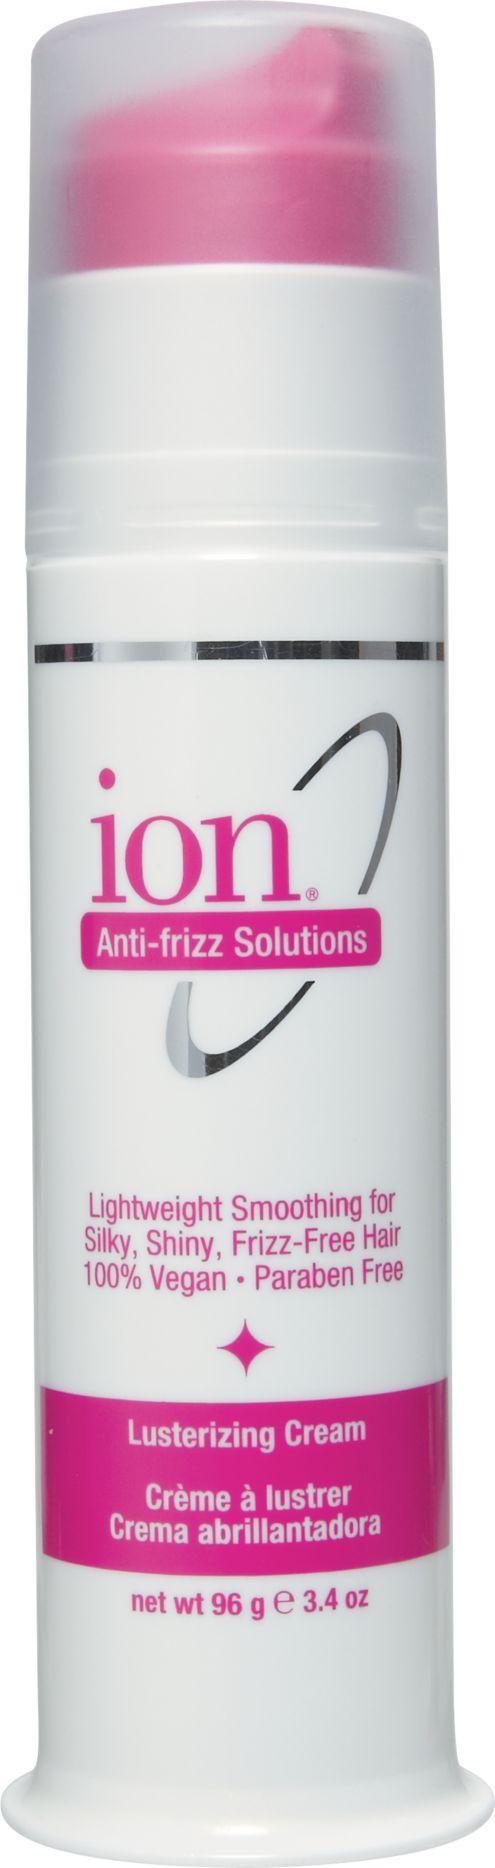 Ion Lusterizing Cream